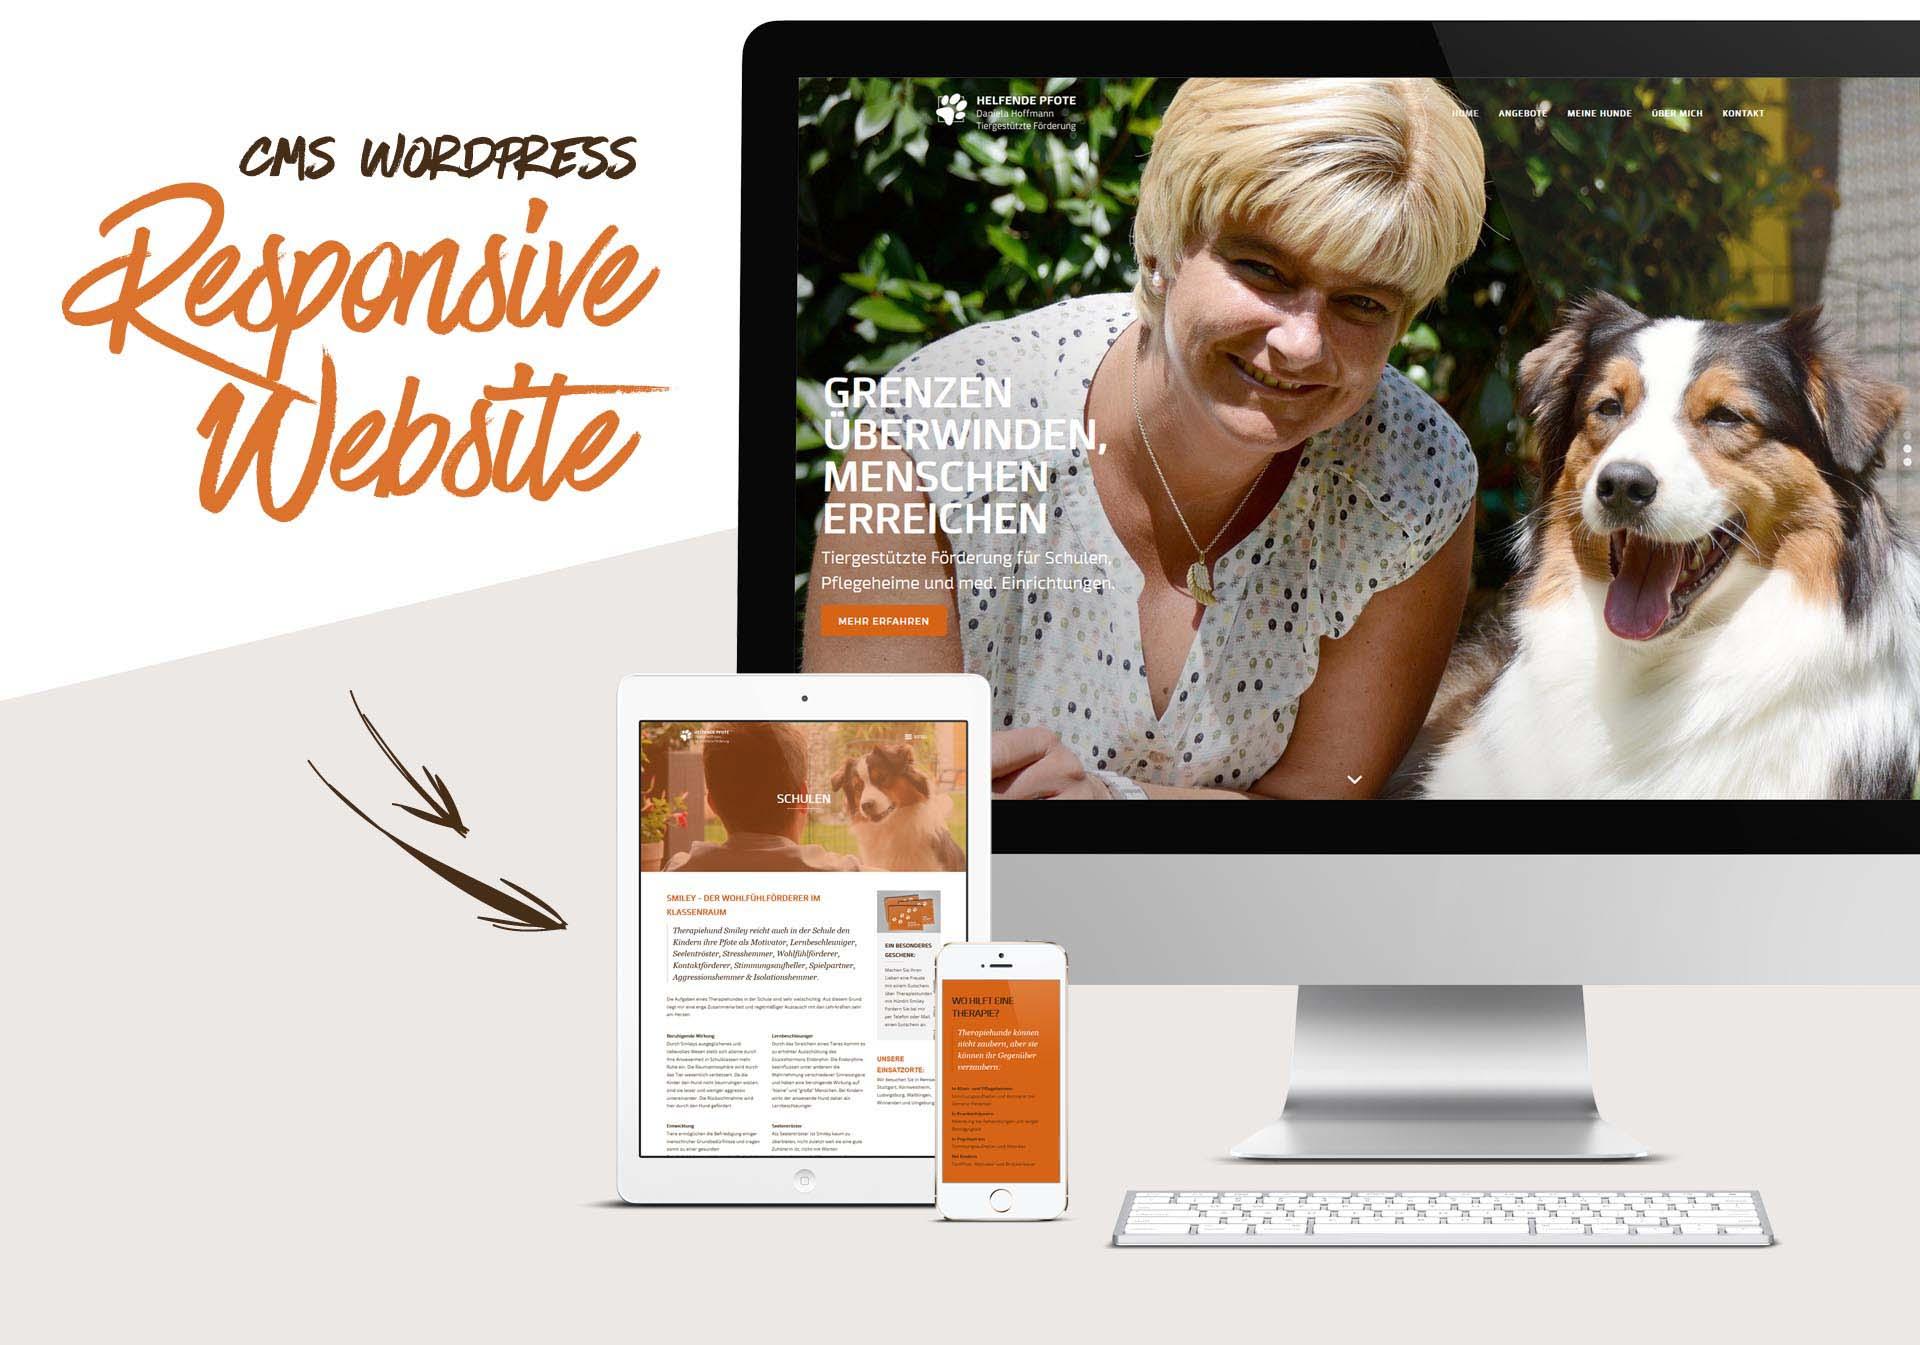 Responsive Website mit dem CMS WordPress für Daniela Hoffmann